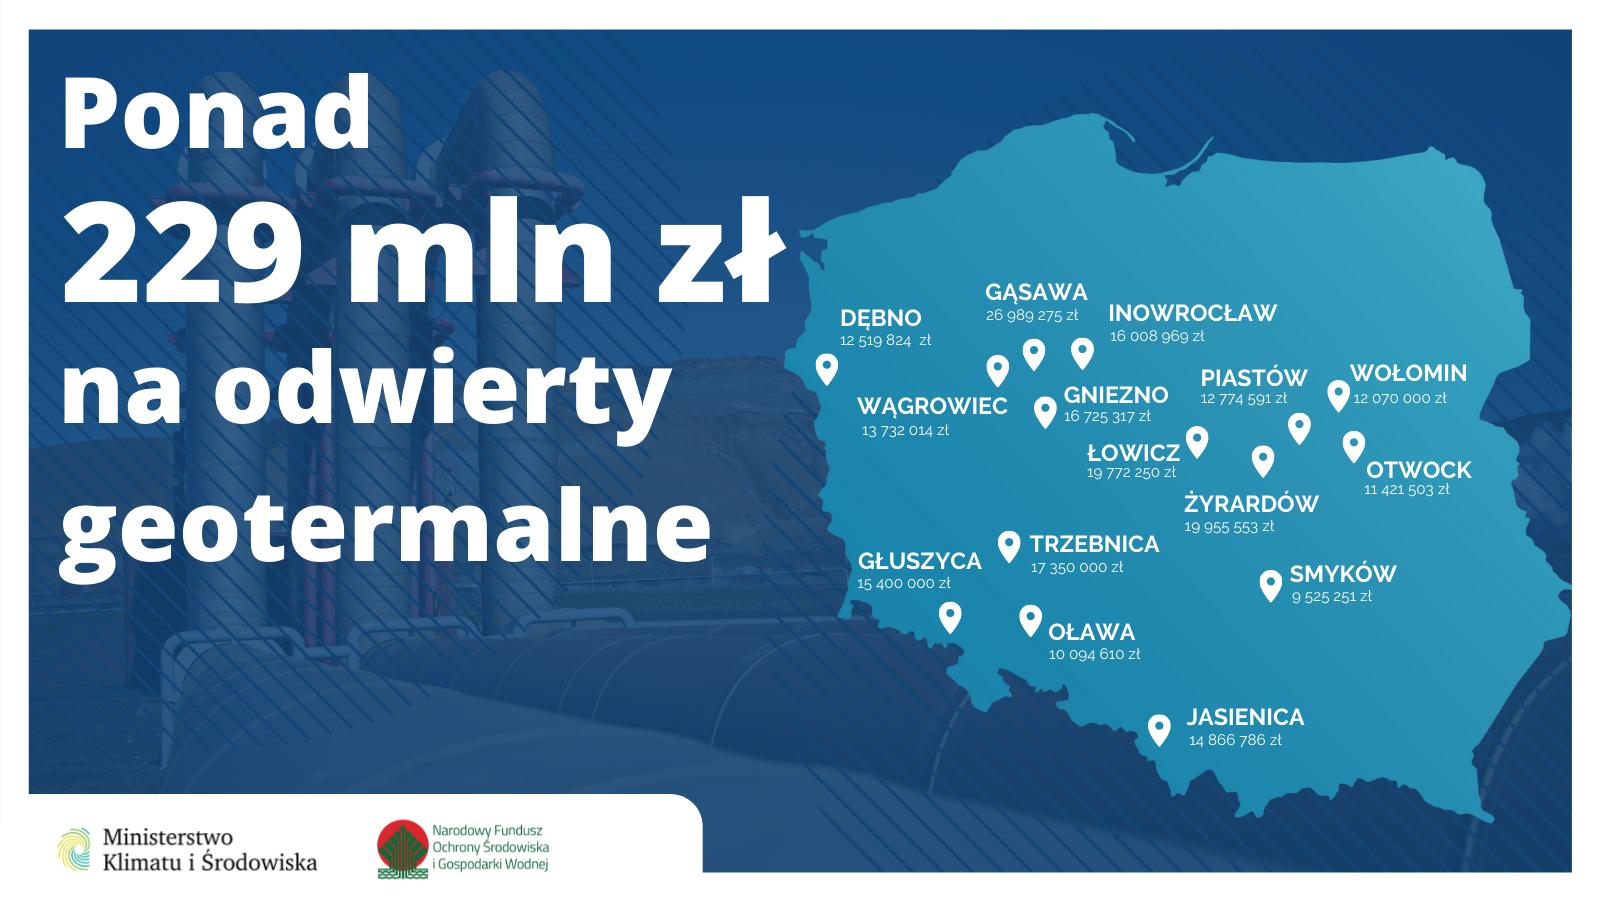 Prawie_ćwierć_miliarda_złotych_z_NFOŚiGW_na_odwierty_geotermalne_w_całej_Polsce_